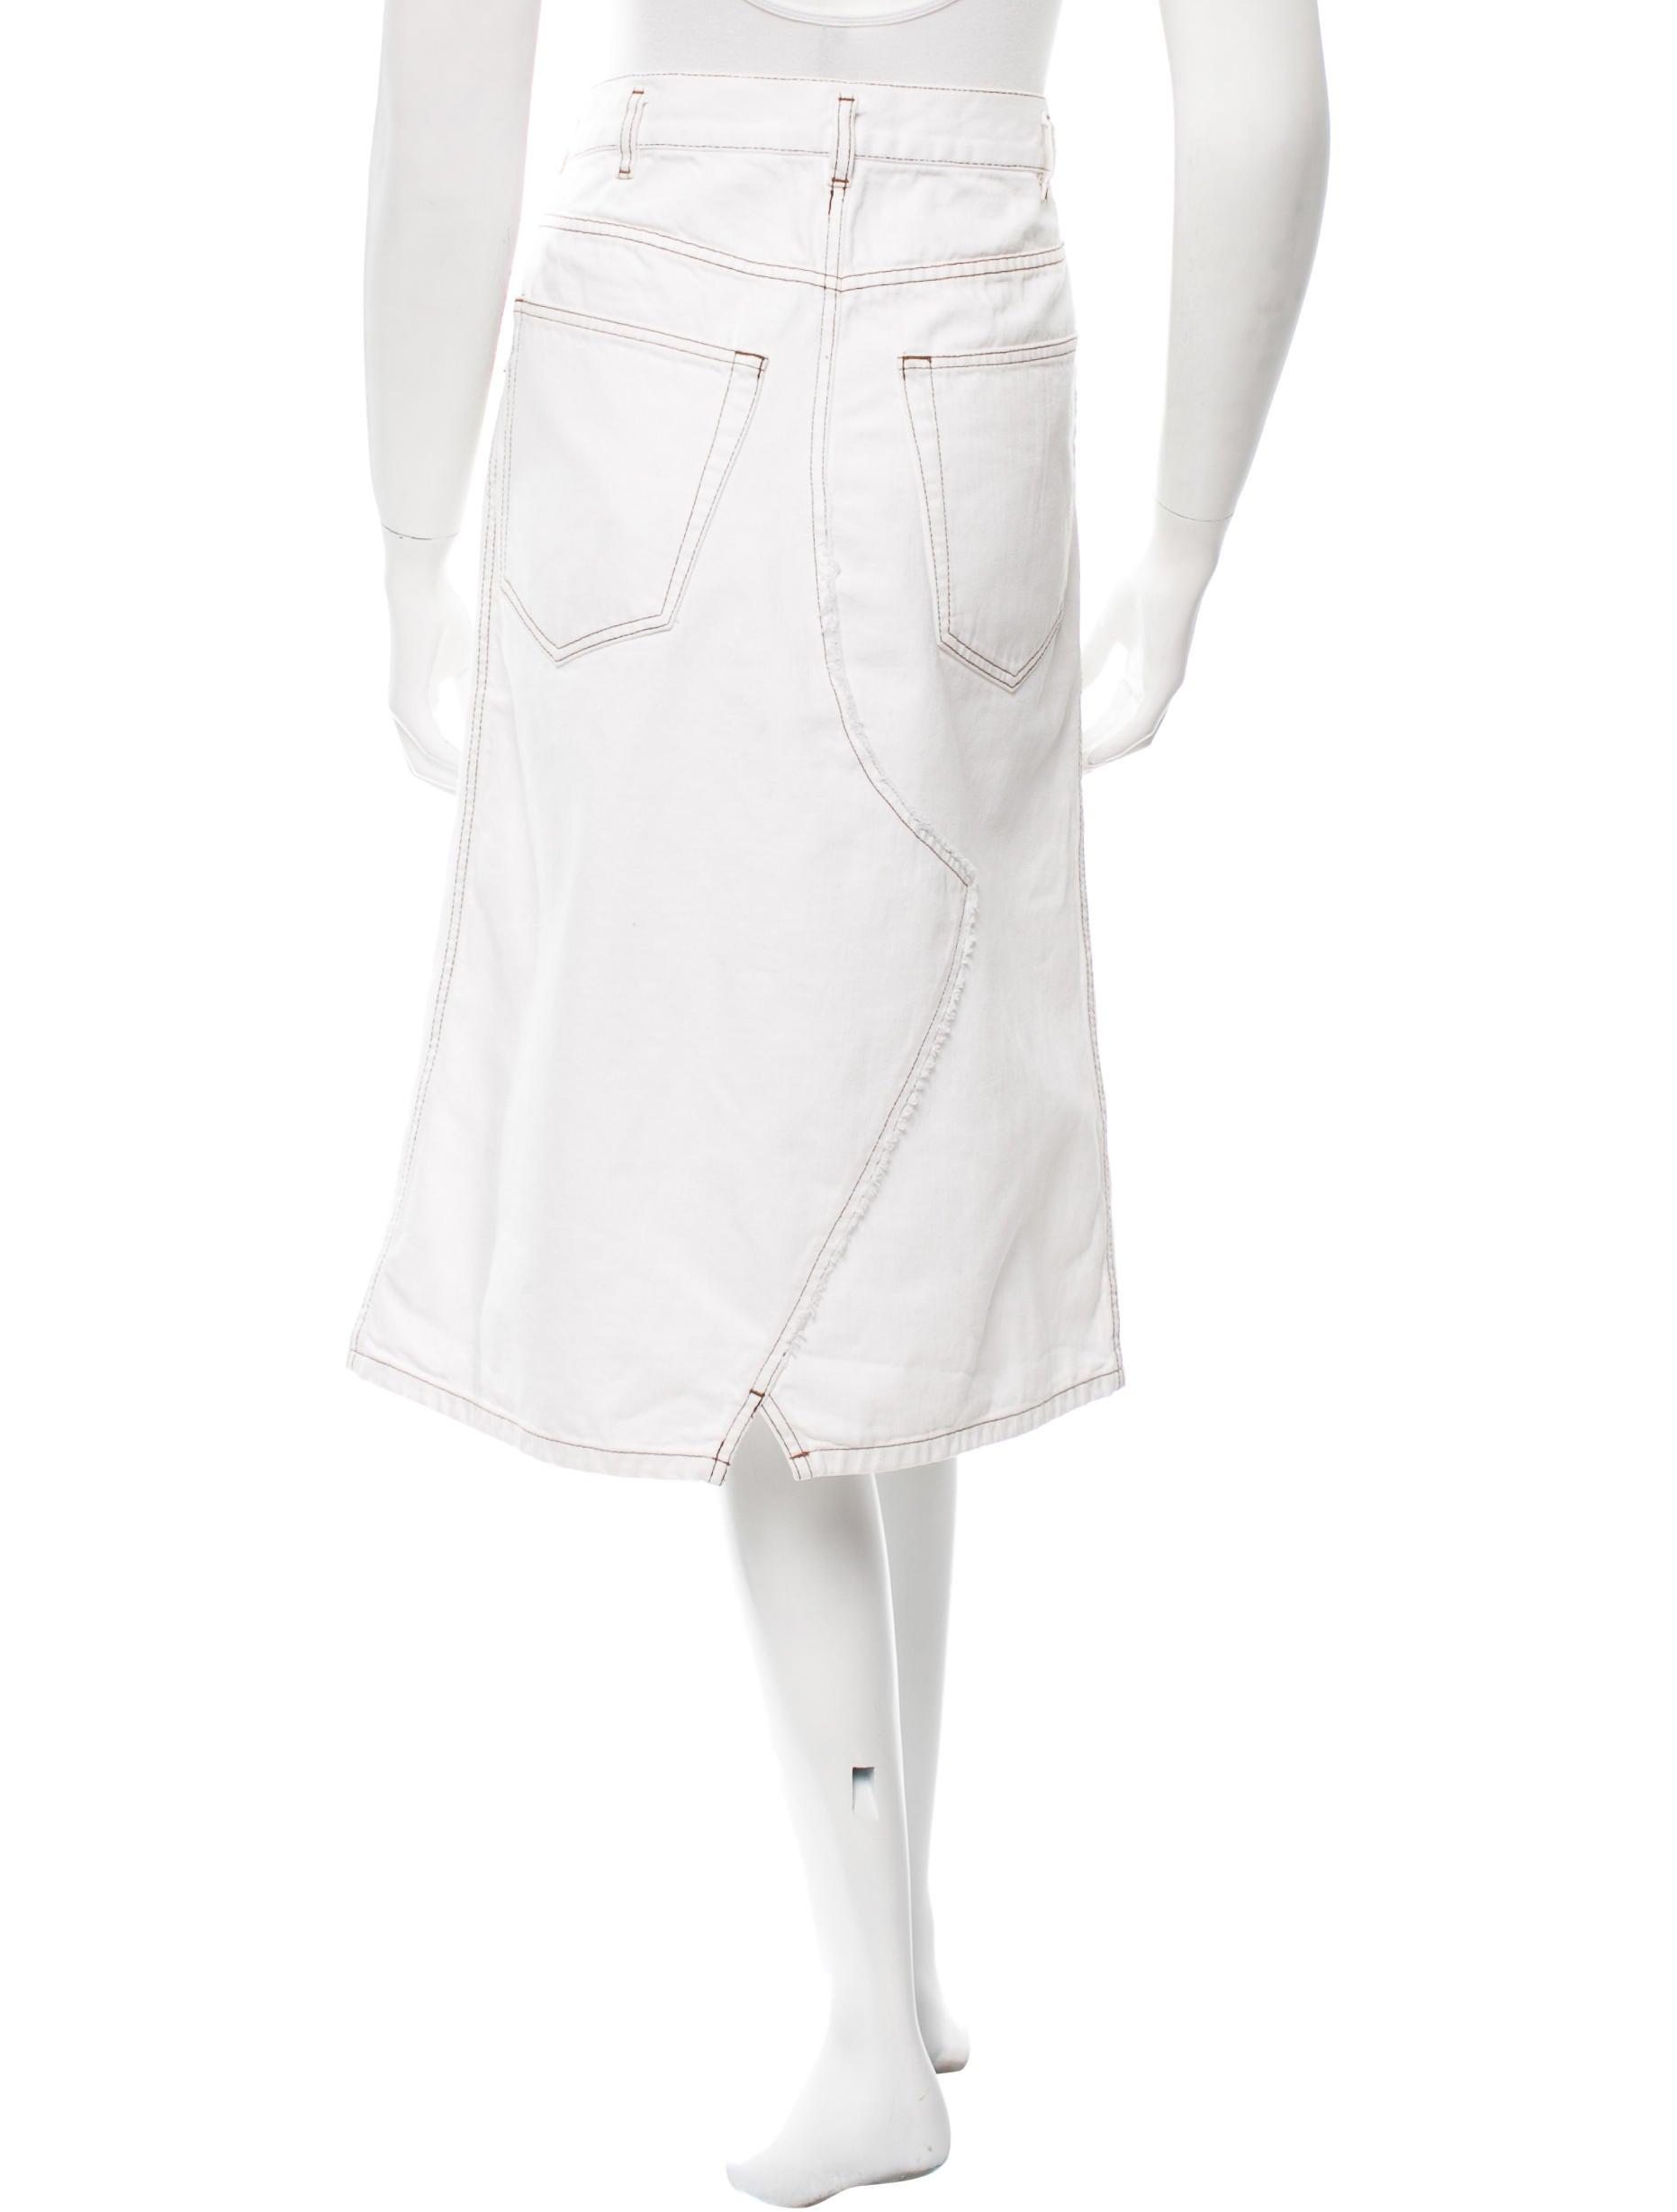 dries noten denim knee length skirt clothing